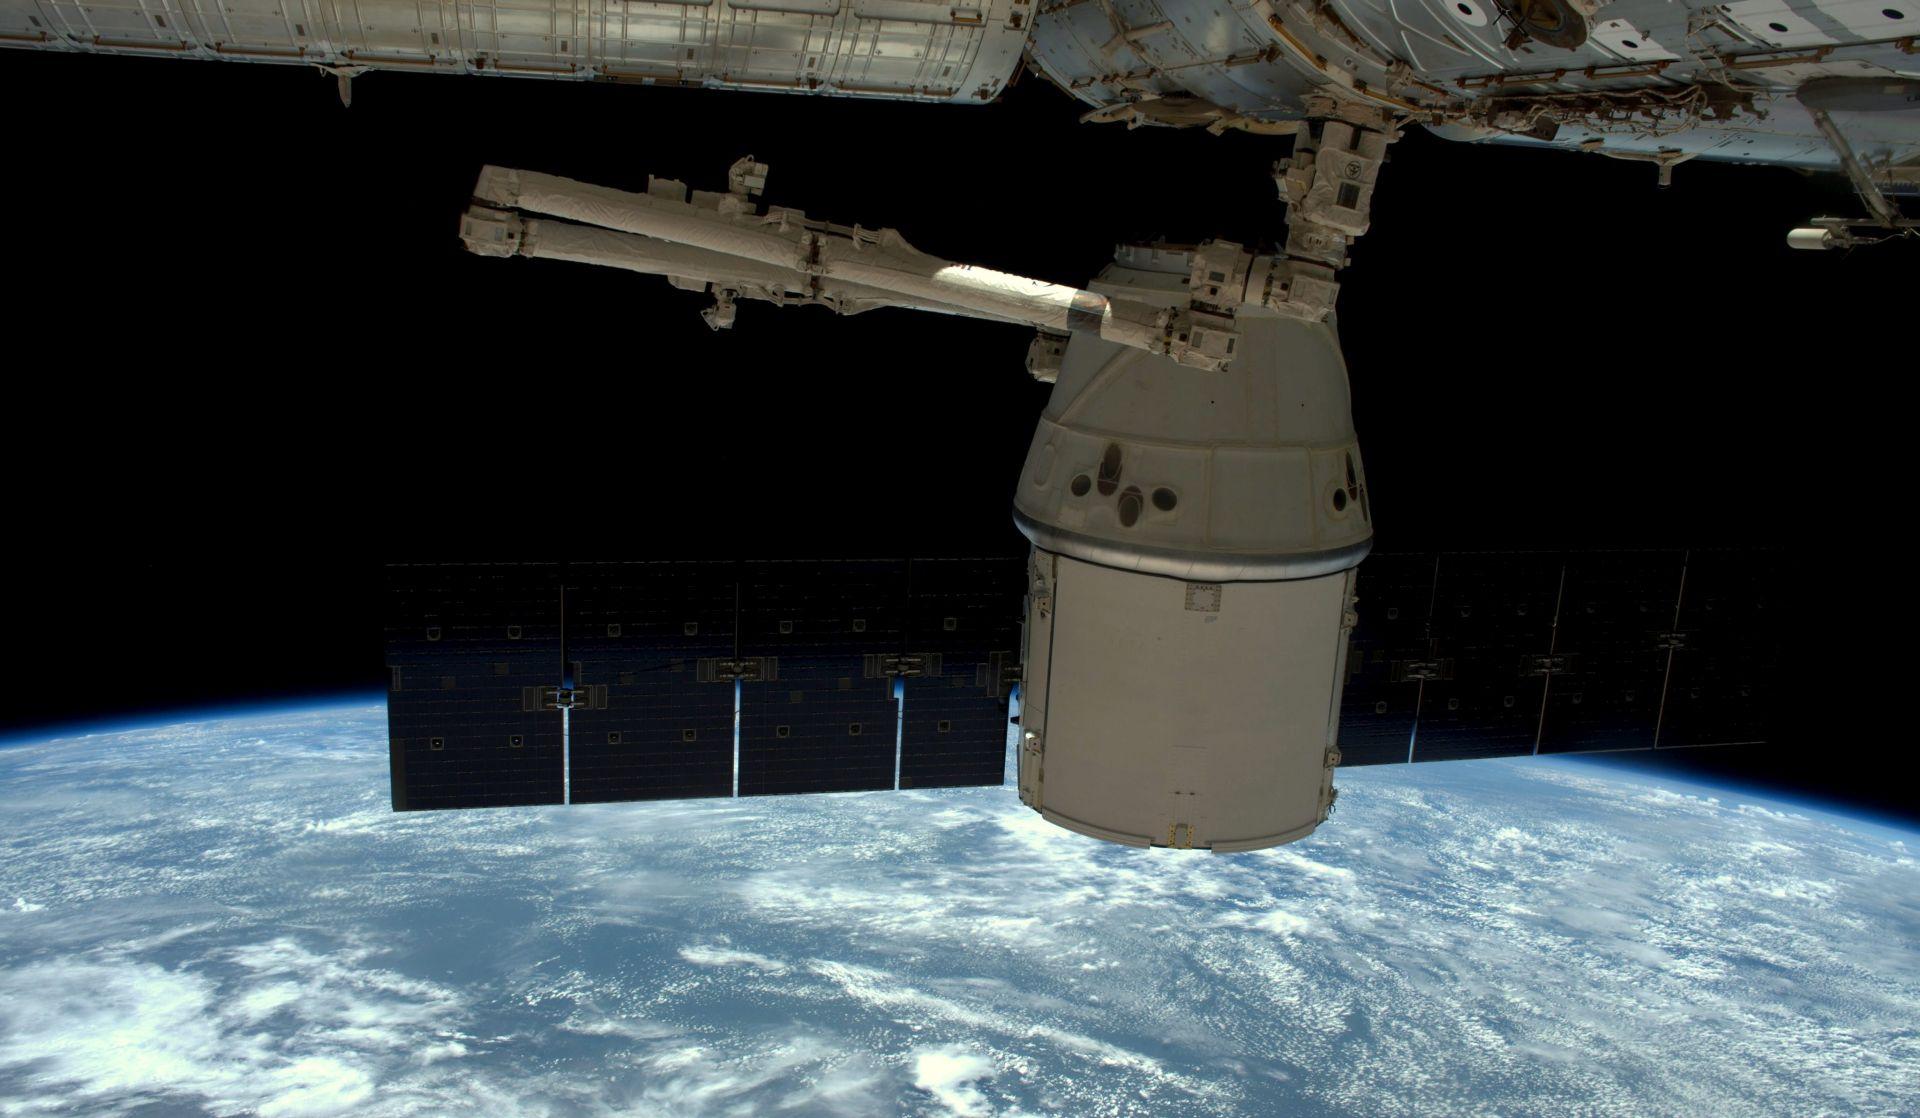 Rusija odgodila lansiranje prema ISS-u zbog sigurnosti novog svemirskog broda